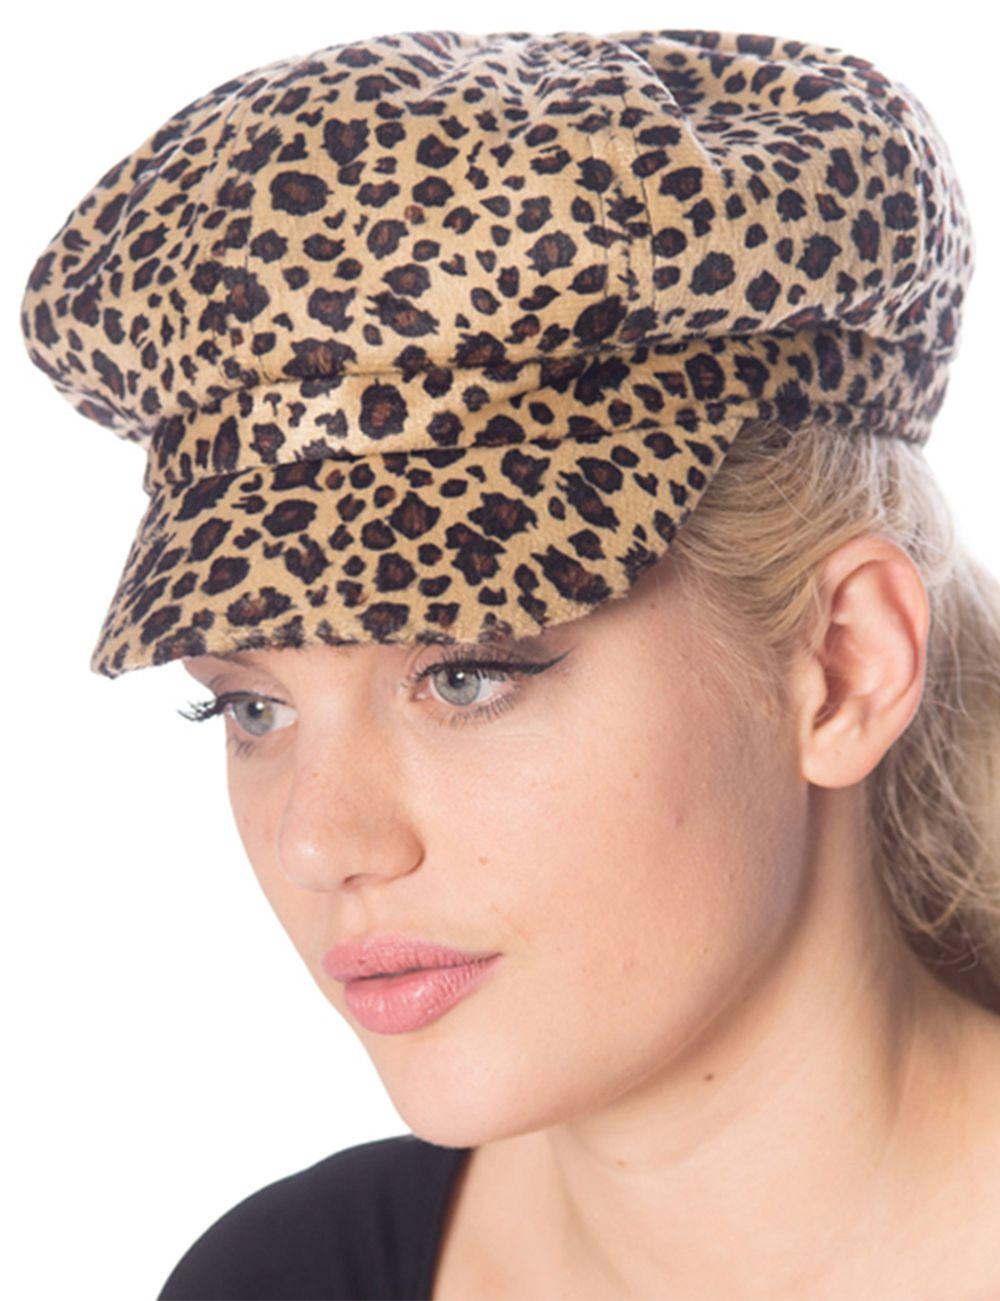 BNAC45184_chapeau-casquette-pin-up-40-s-50-s-retro-leopard